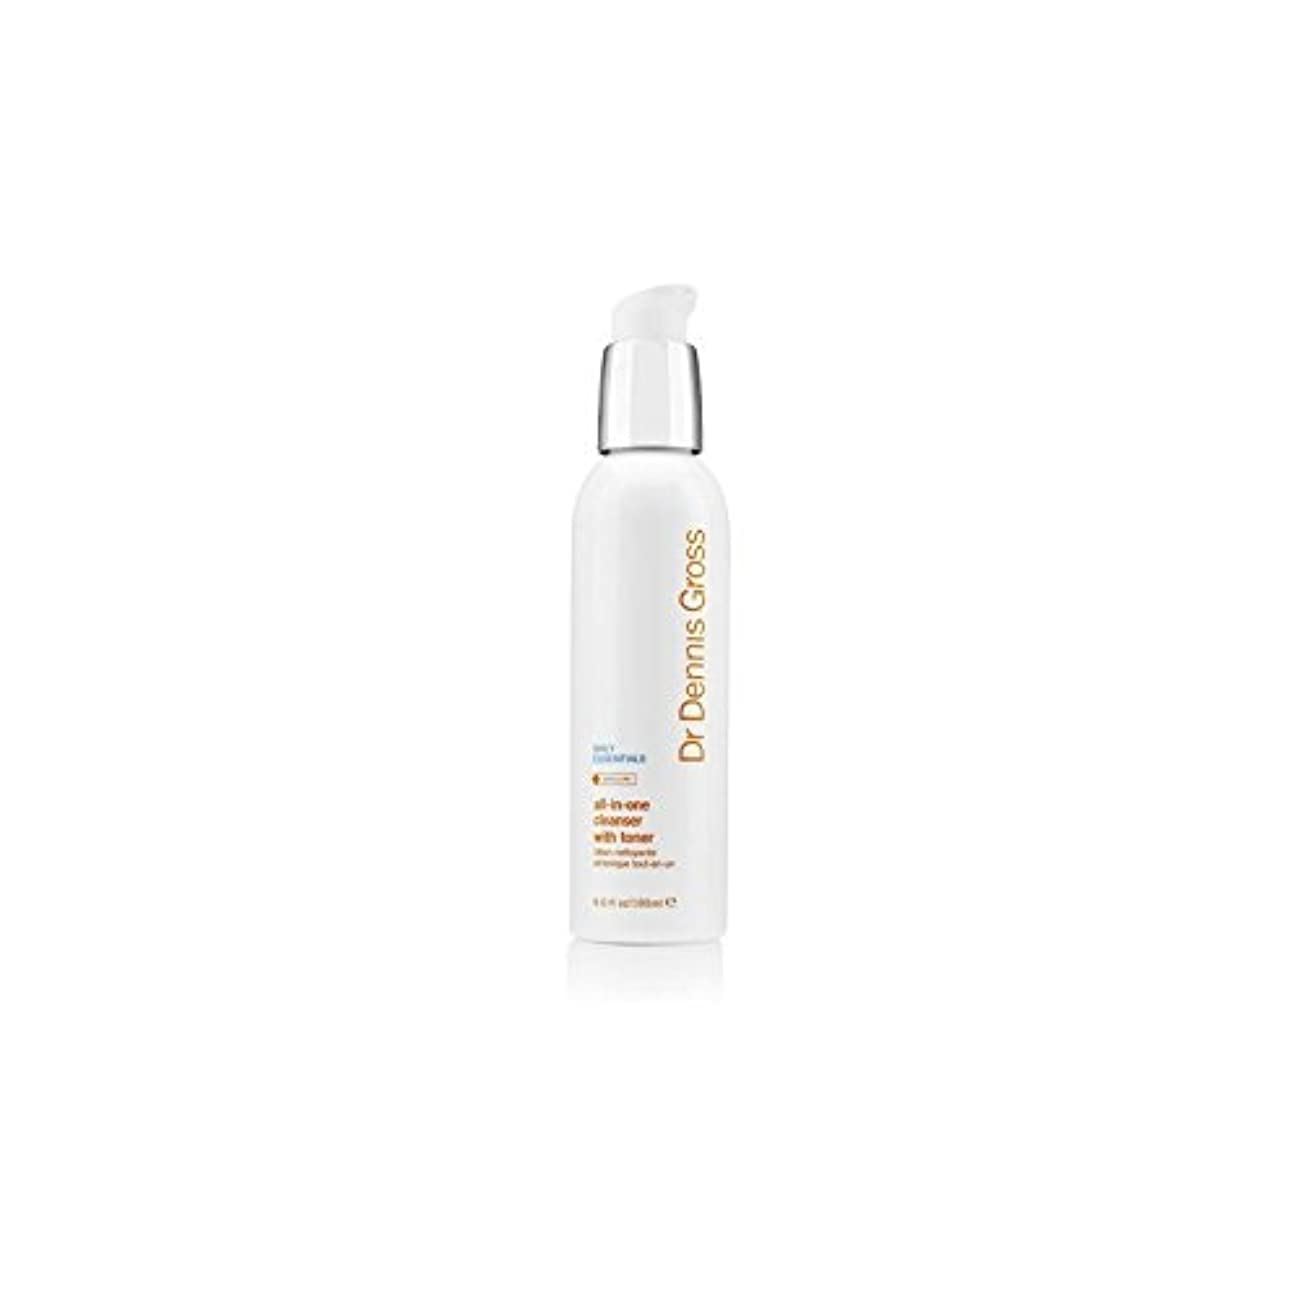 ブランデー強制誤解するDr Dennis Gross All-In-One Facial Cleanser With Toner (180ml) (Pack of 6) - デニスグロスオールインワントナー(180ミリリットル)とフェイシャルクレンザー...